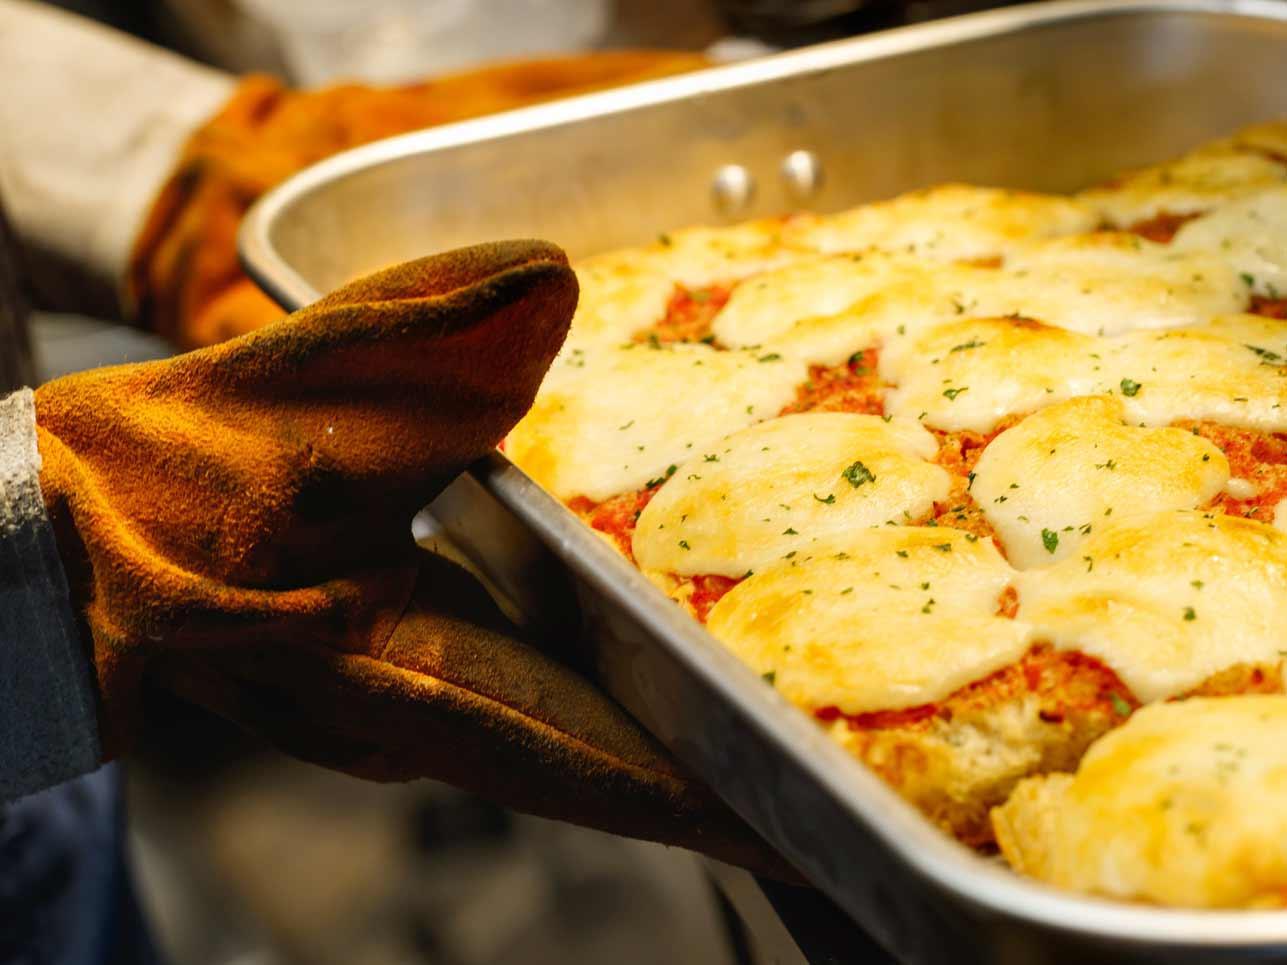 Die amerikanische Küche ist herzhaft-deftig. Fleisch wird gerne und viel gegessen.